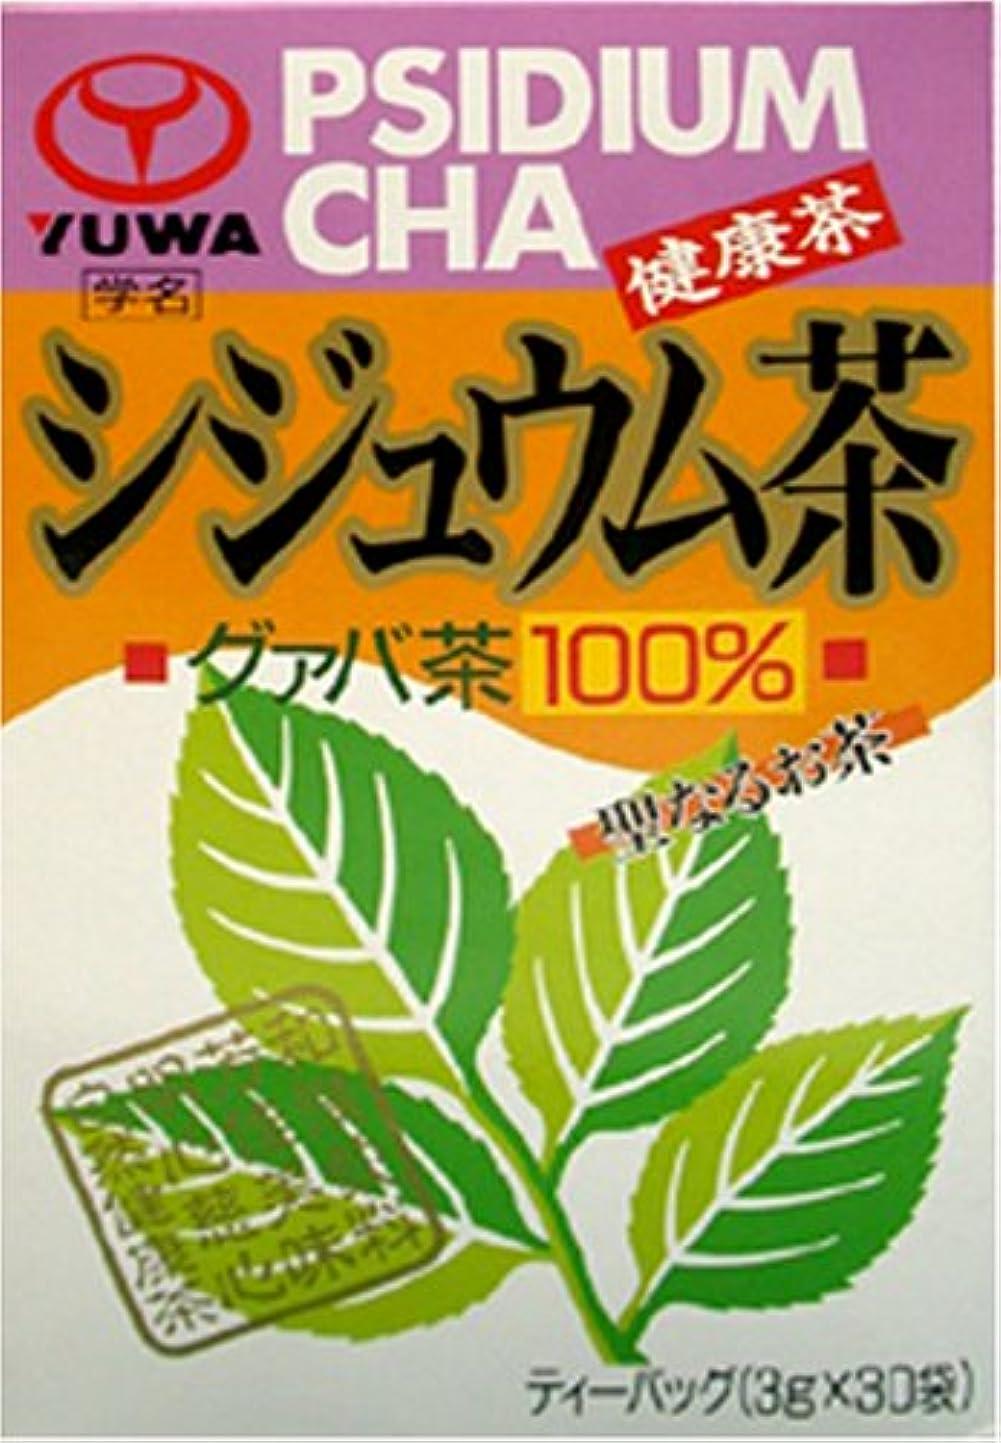 フローティング市場乙女ユーワ シジュウム茶 30包